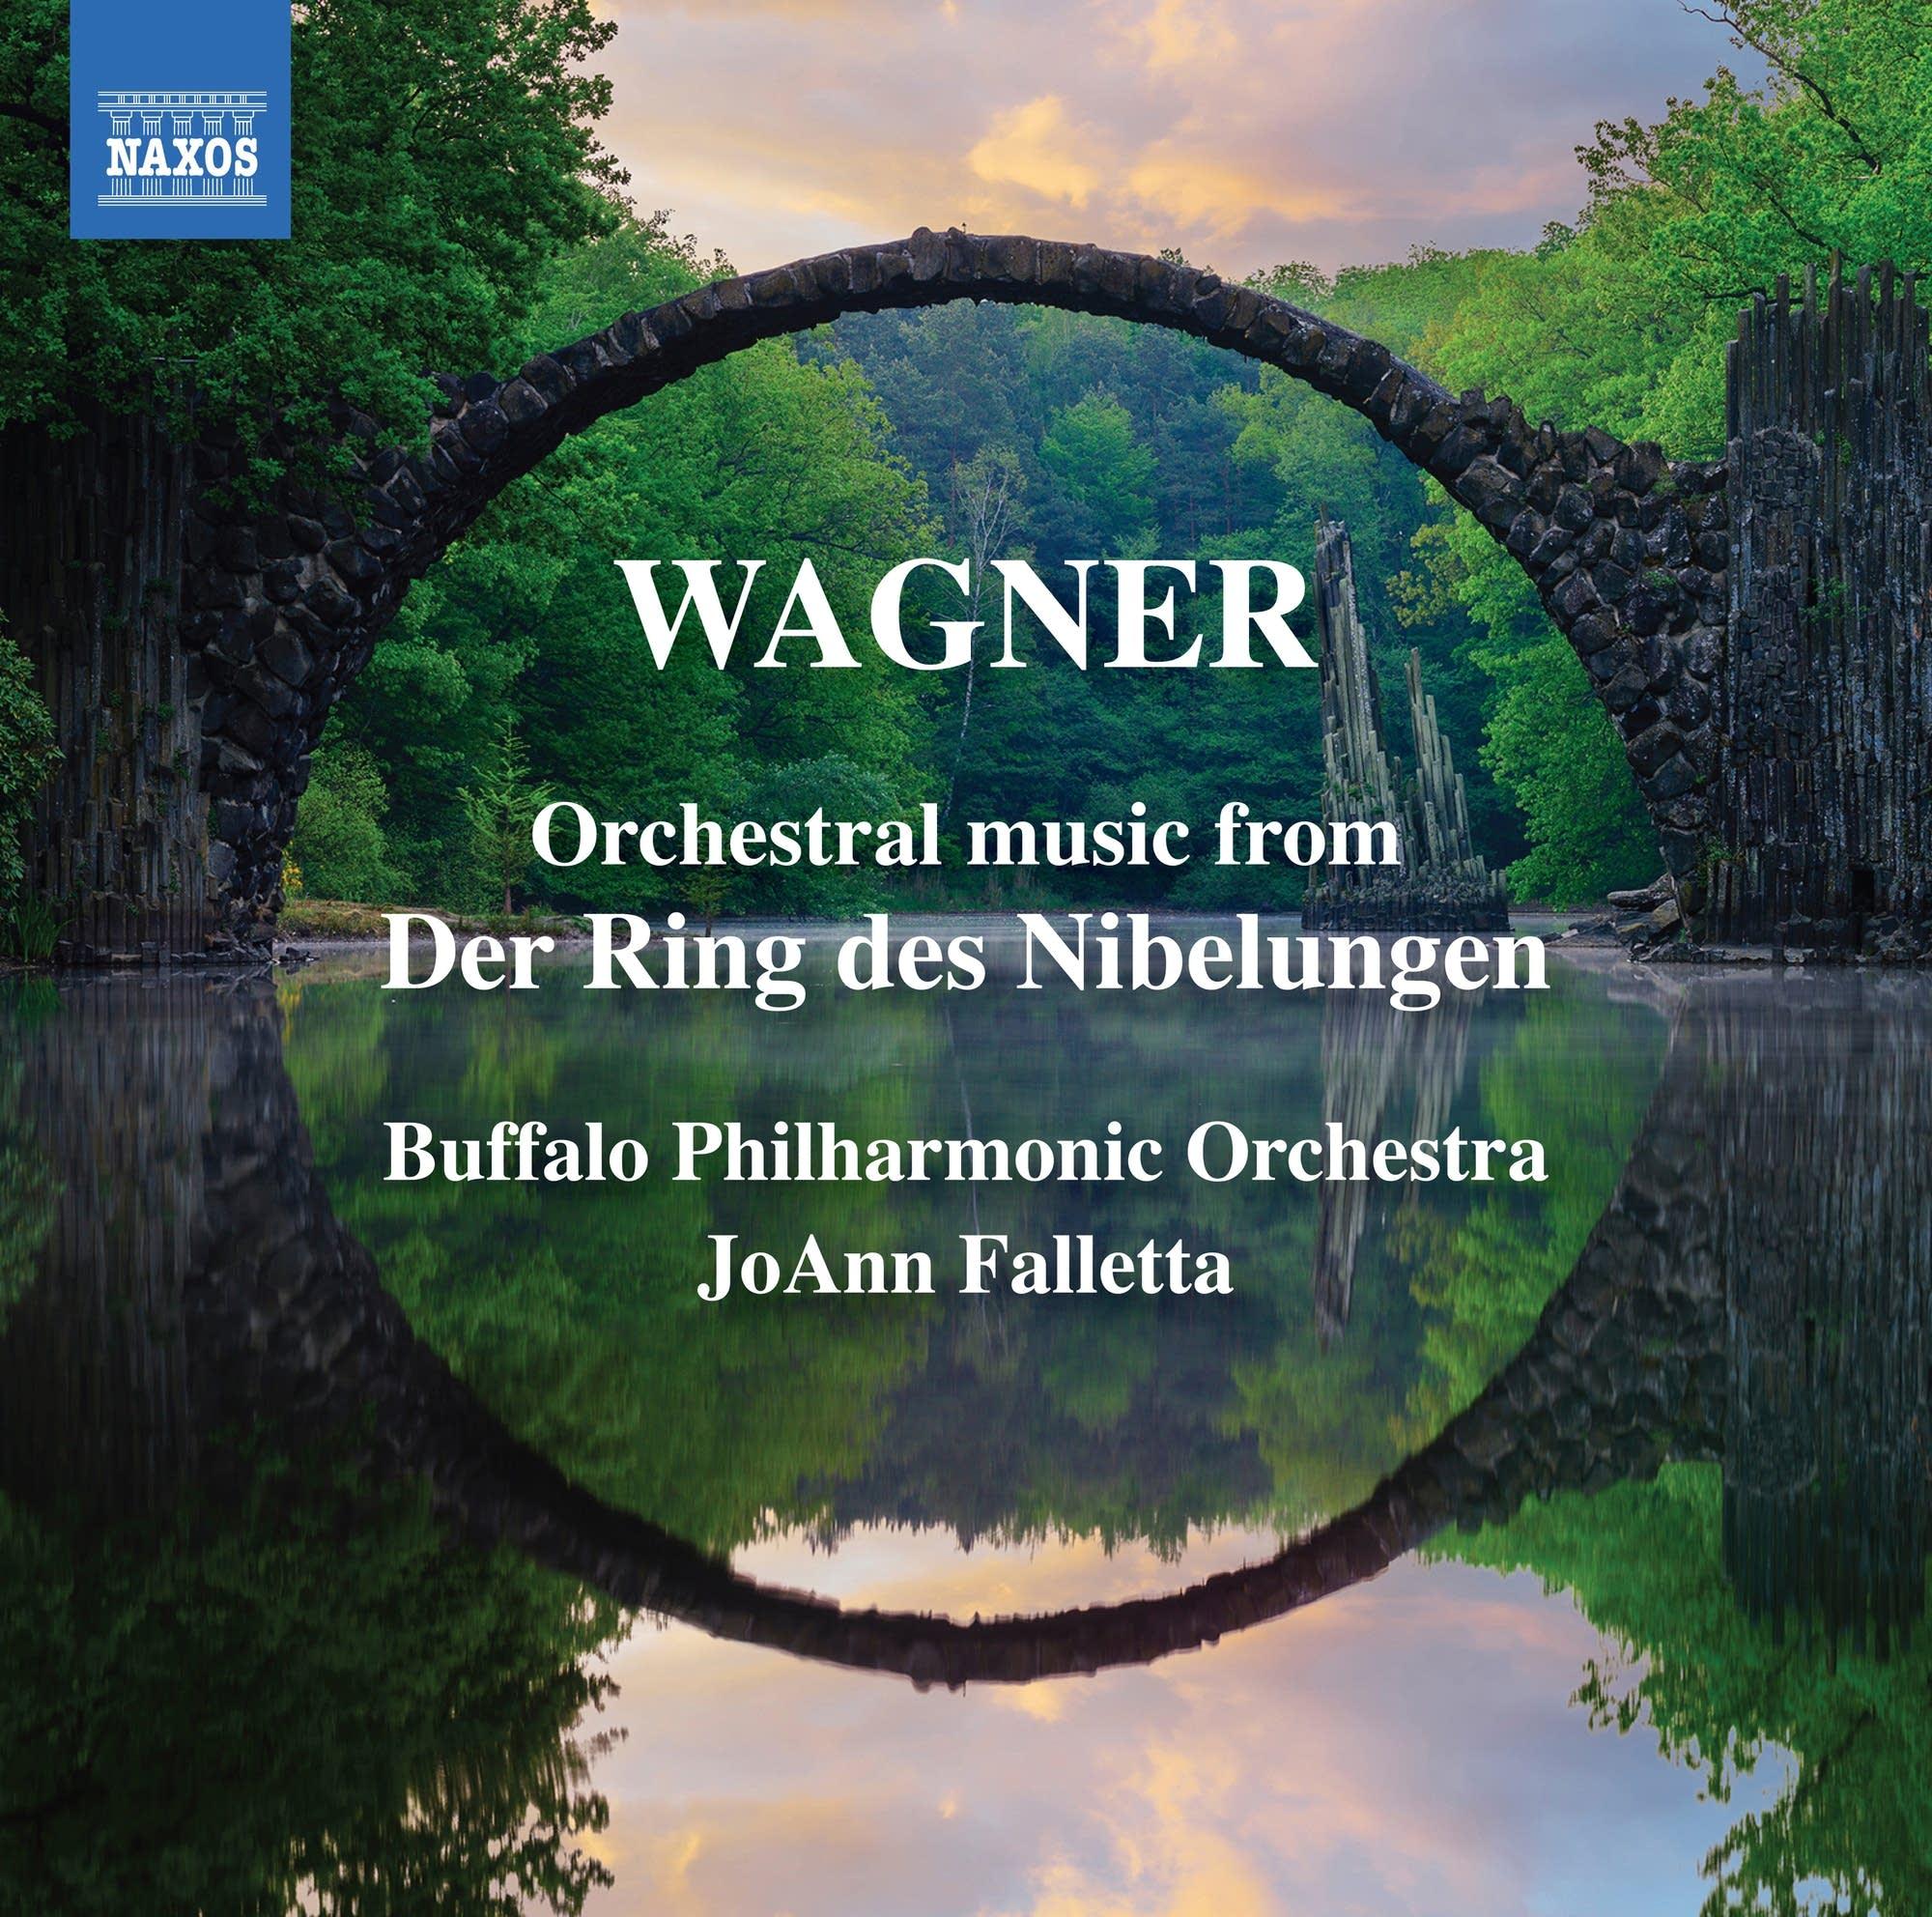 Richard Wagner - Siegfried's Rhine Journey